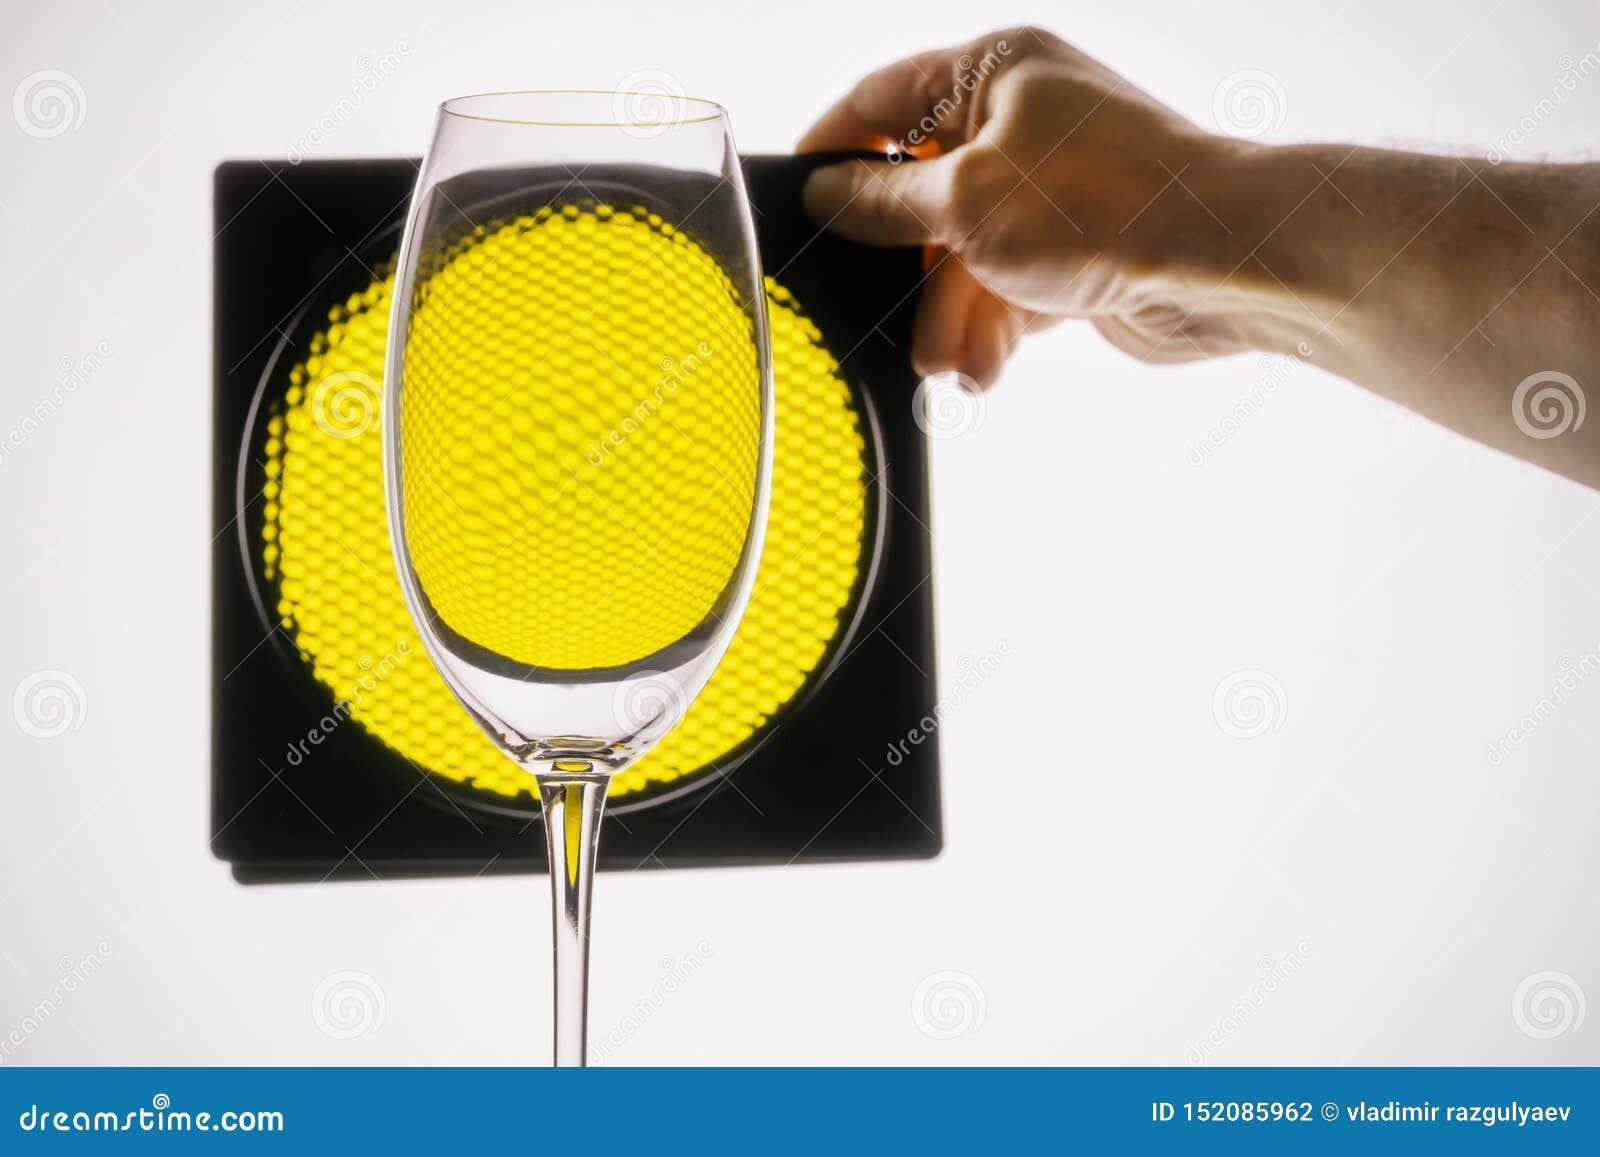 Genomskinligt exponeringsglas rymmer handen på en bakgrund av den gula honungskakan